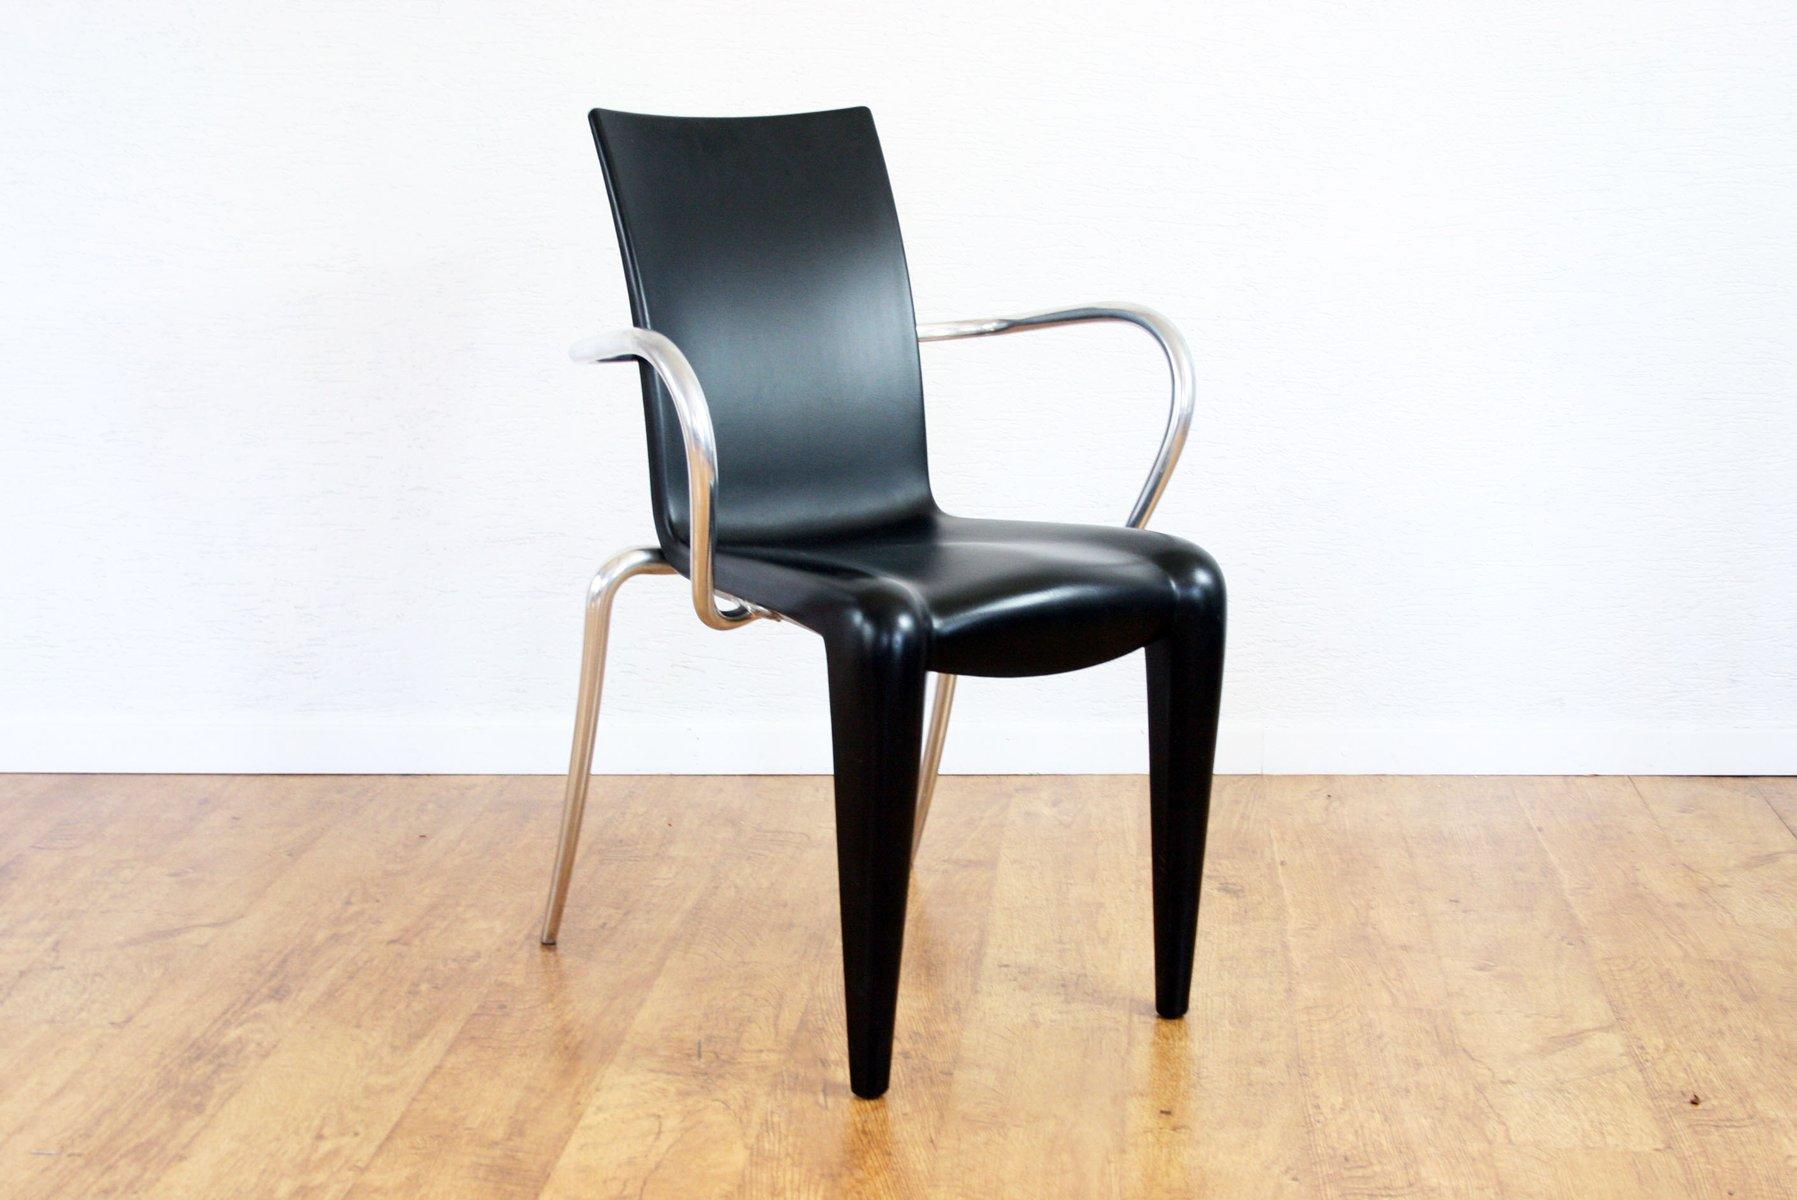 fauteuil louis xx par philippe starck pour vitra 1992 en. Black Bedroom Furniture Sets. Home Design Ideas